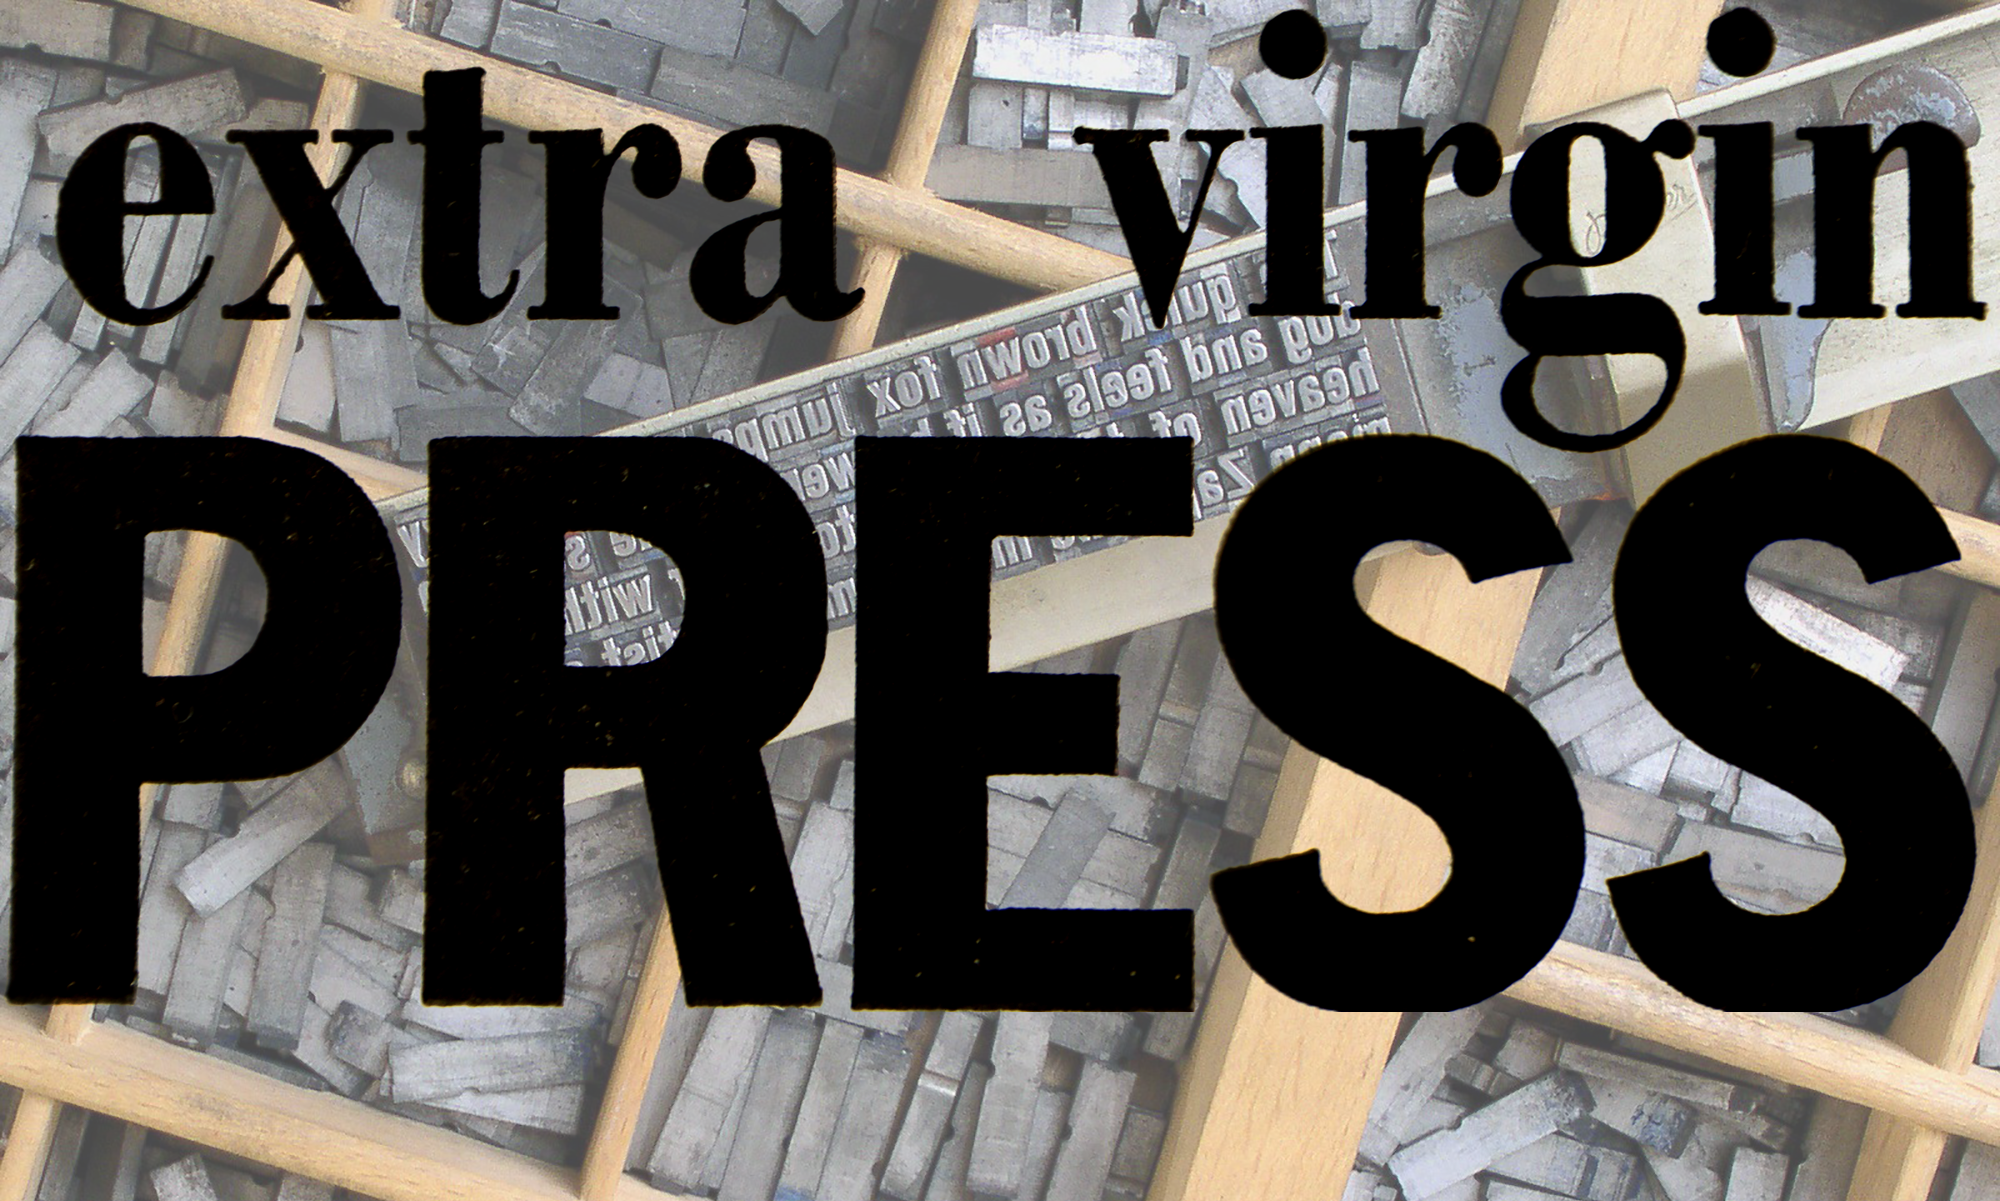 Extra Virgin Press